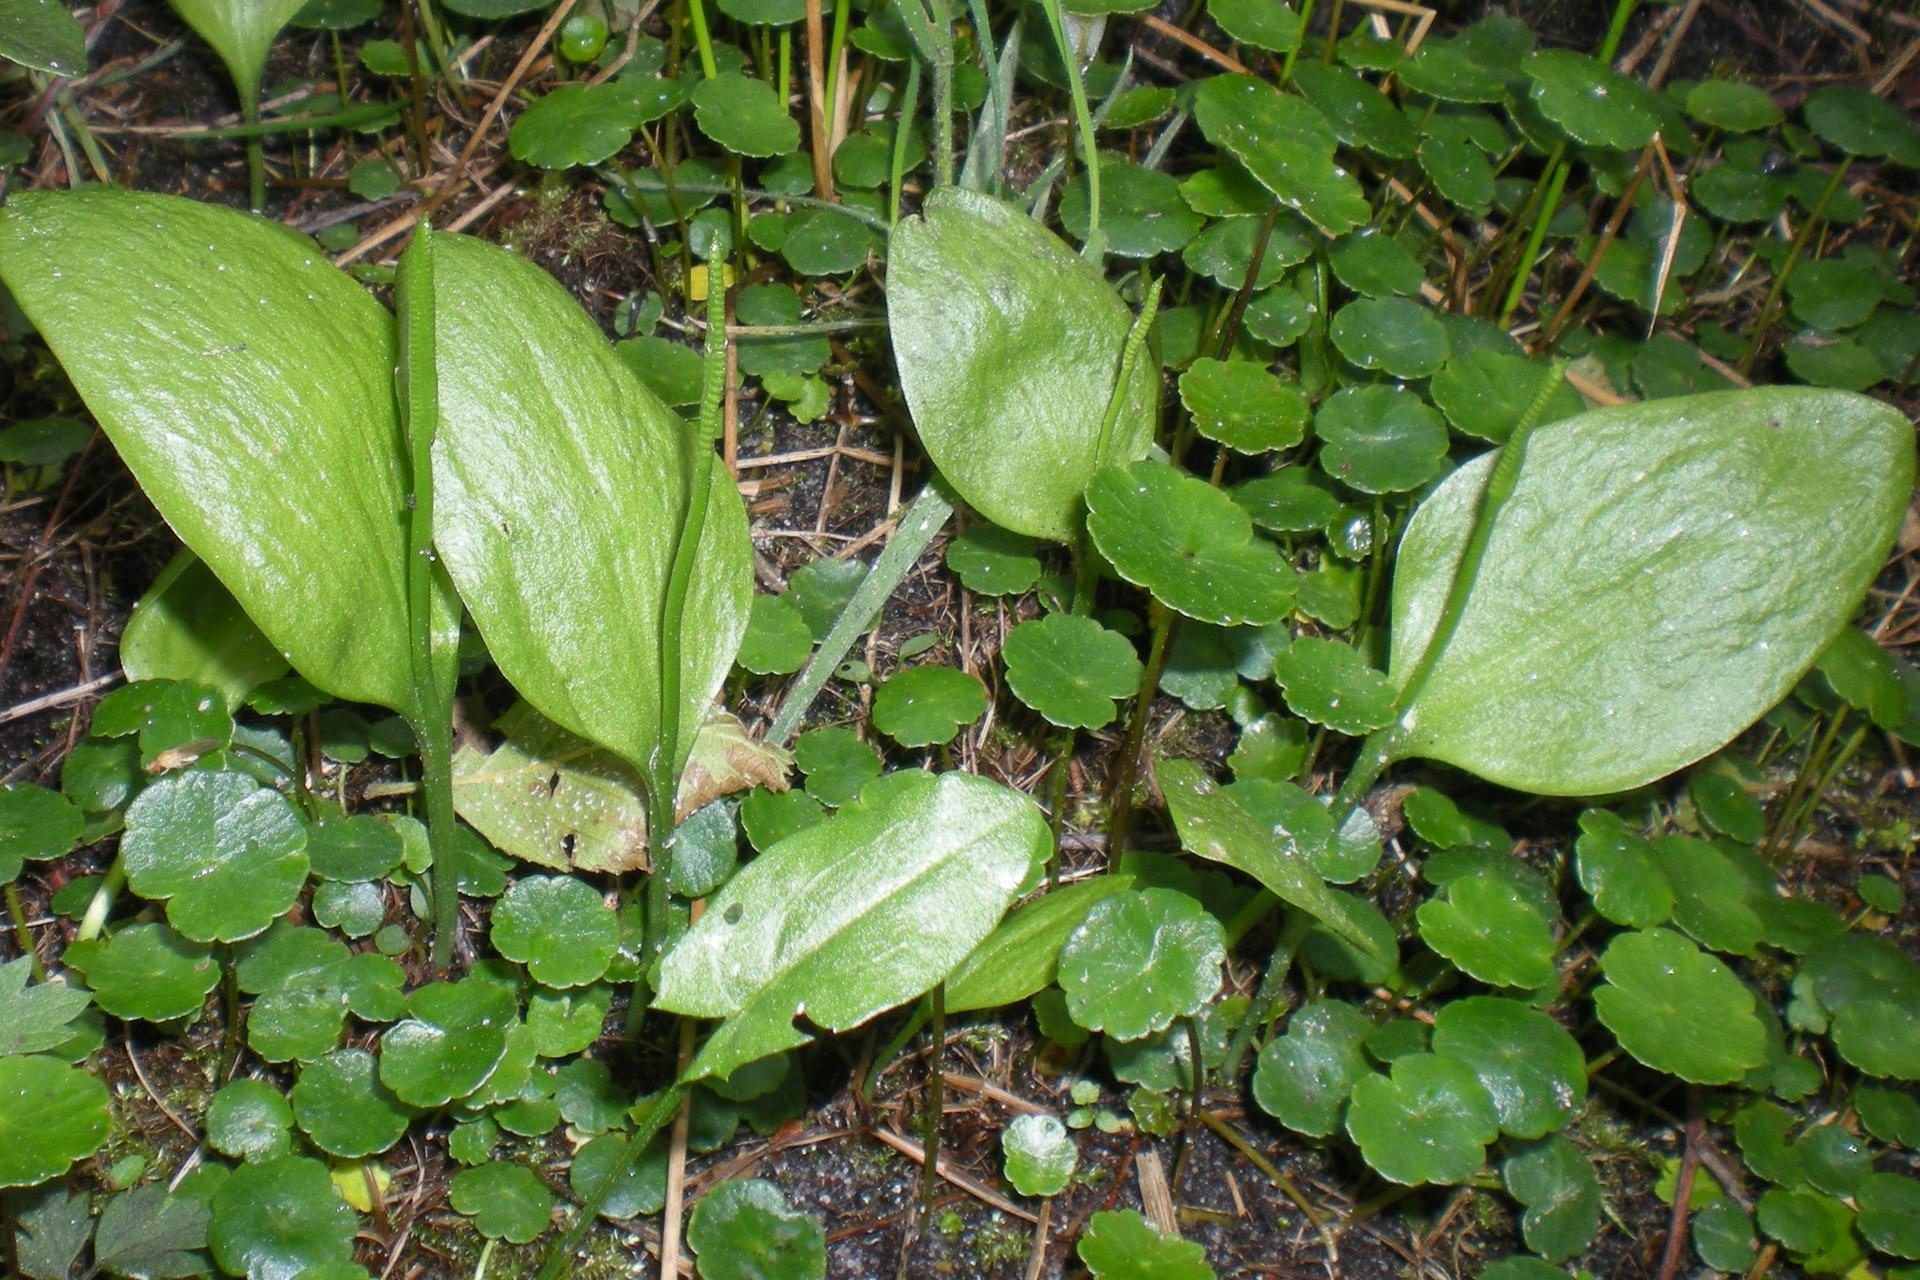 Fotografia przedstawia kilka rodzajów liści. Największe są jasnozielone, płaskie, owalne. Przy nich wyrastają wąskie, grube, podzielone na końcach. Oba te rodzaje liści należą do nasięźrzała pospolitego. Małe, ciemnozielone, okrągłe liście należą do innej rośliny